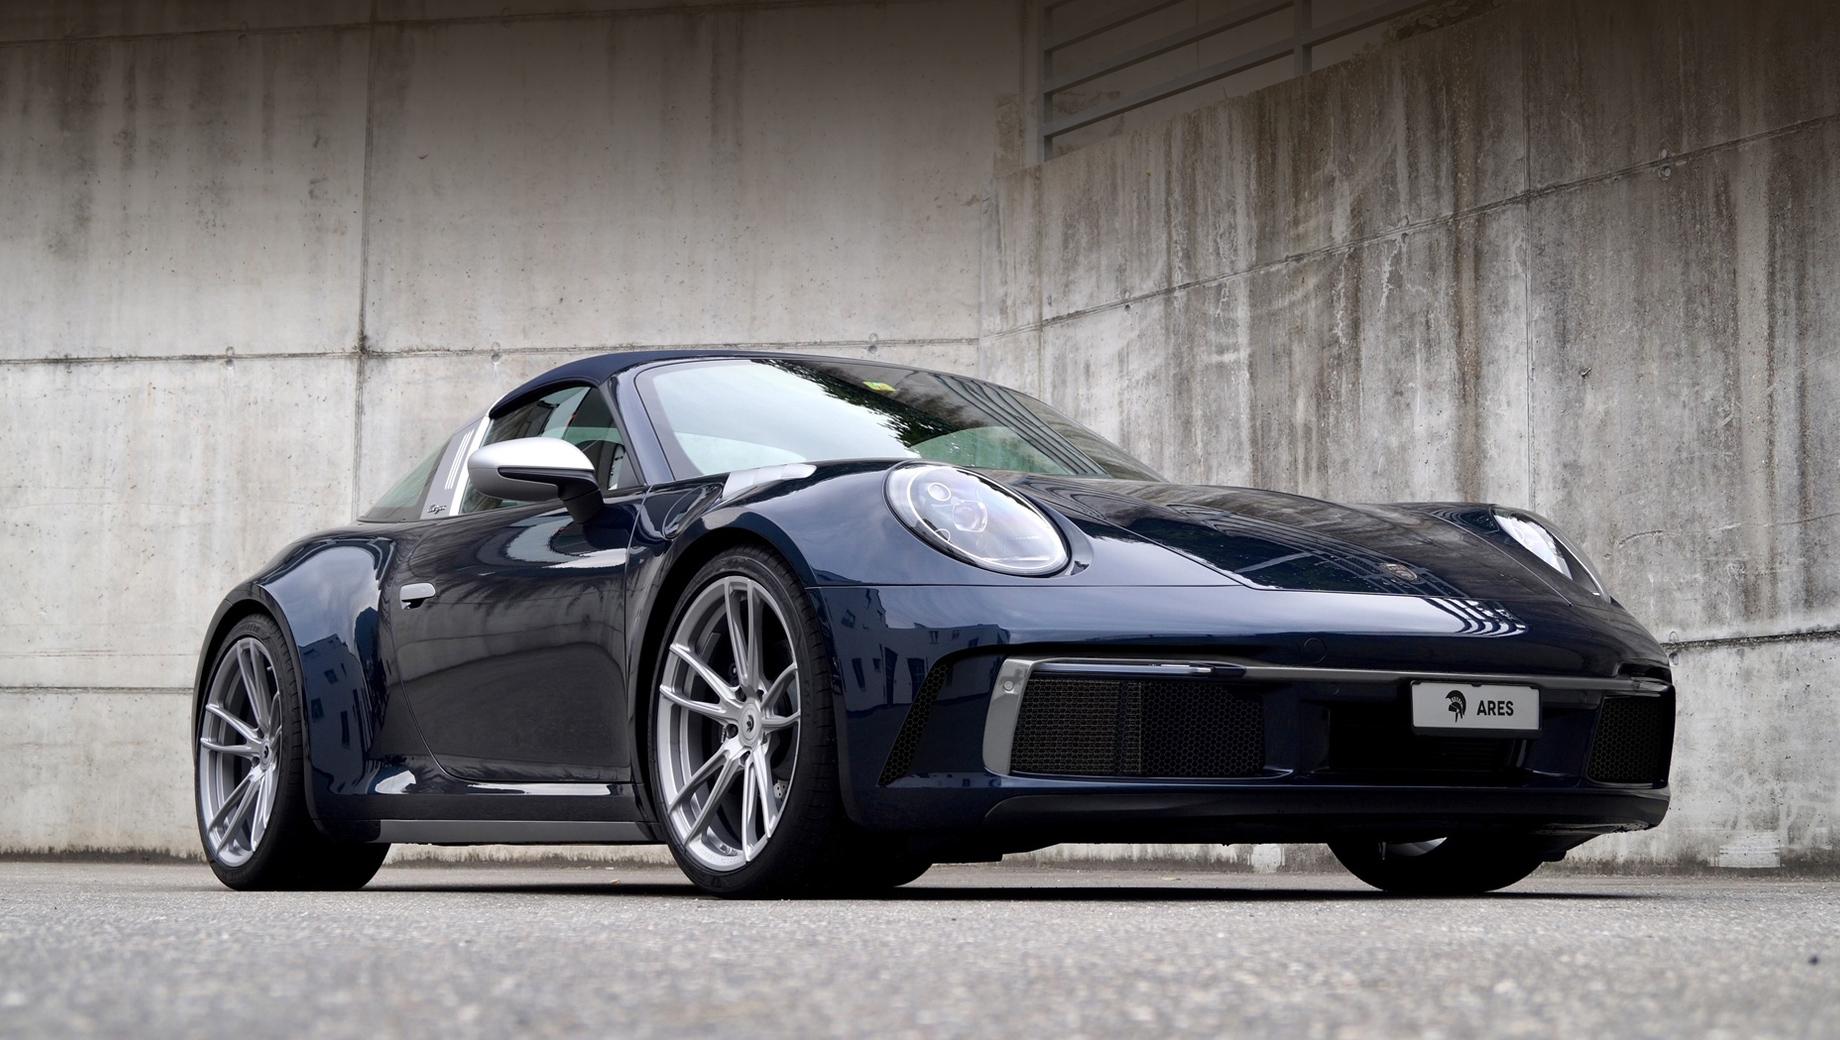 Porsche 911 Targa от ателье Ares останется единичным проектом